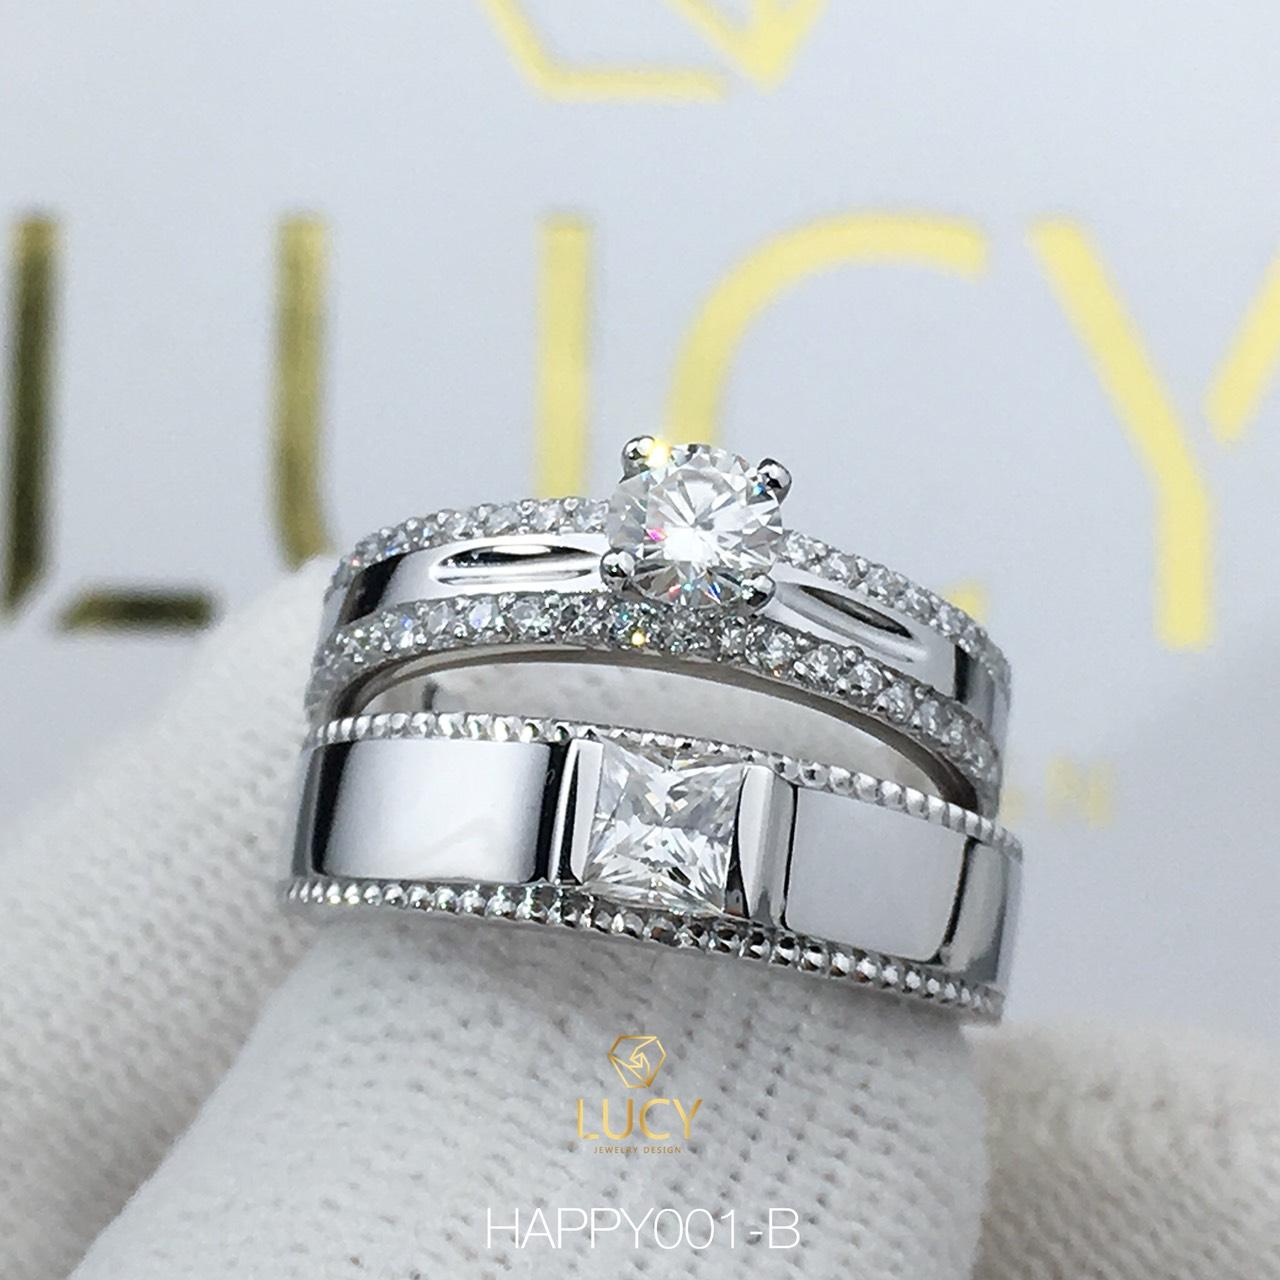 HAPPY001-B_PT Nhẫn cưới bạch kim cao cấp Platinum 90% PT900 - Lucy Jewelry